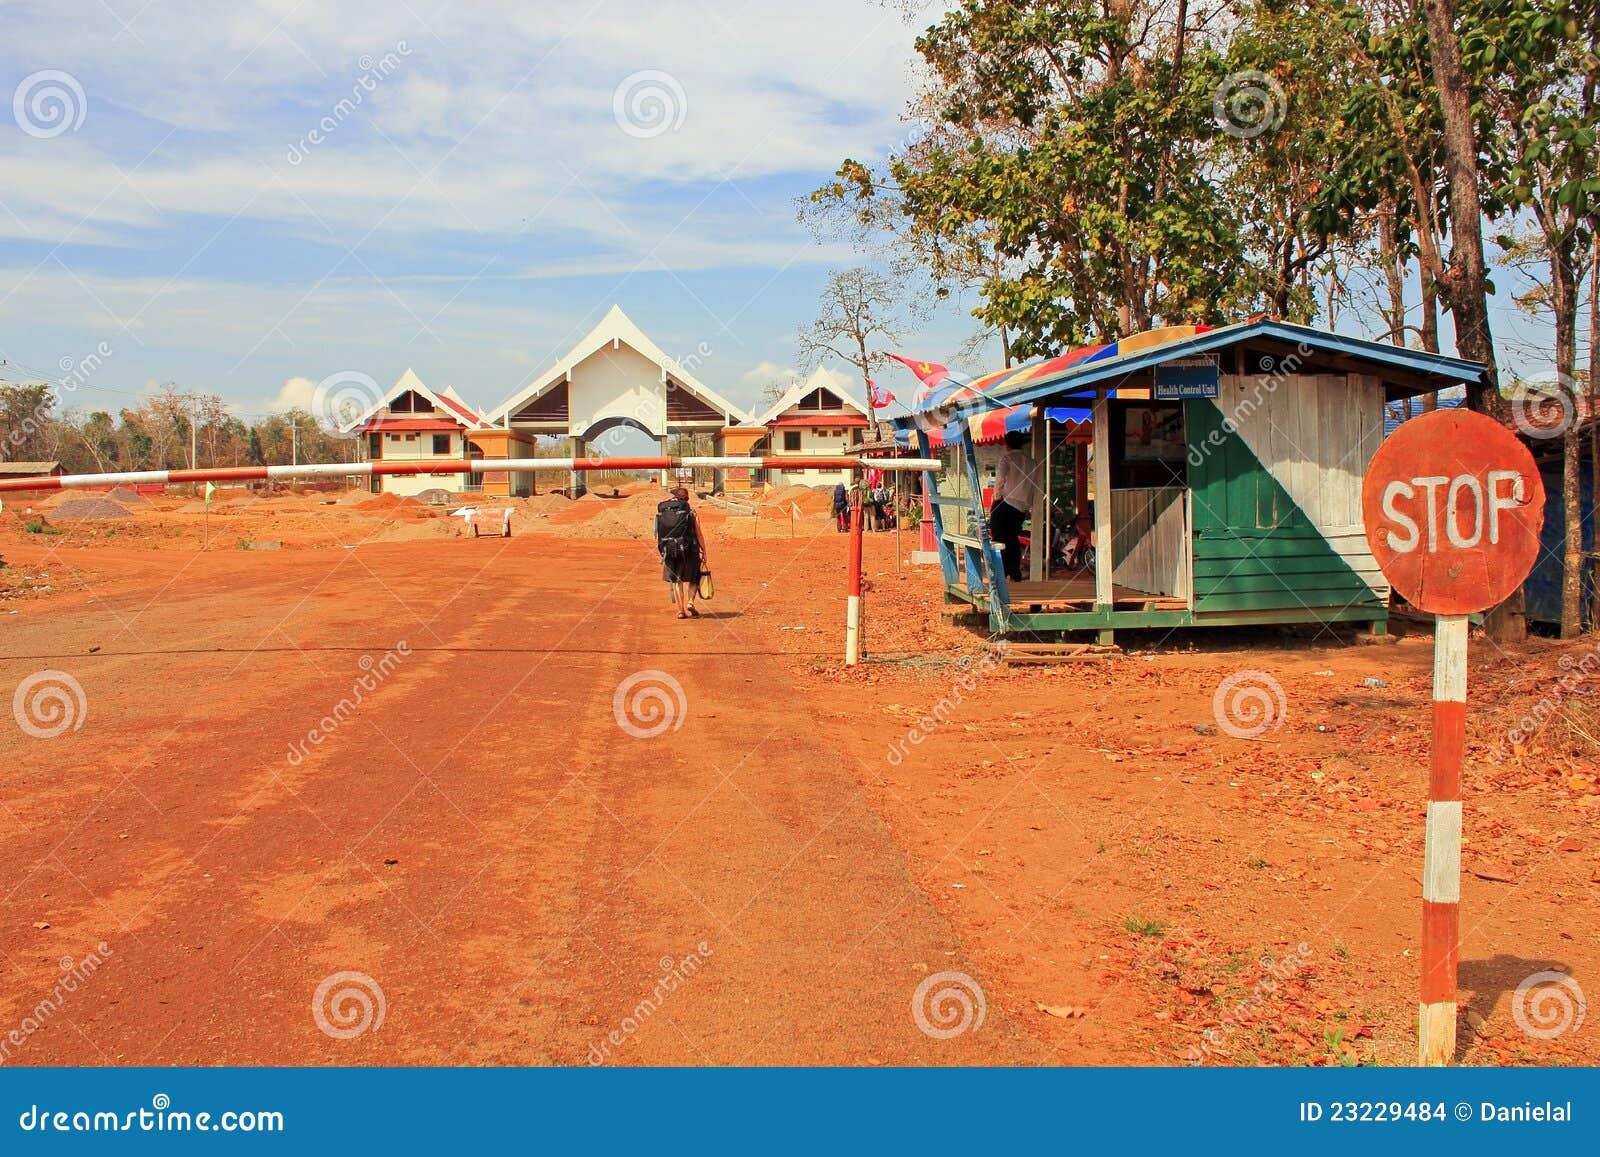 Cambodia - Laos Border